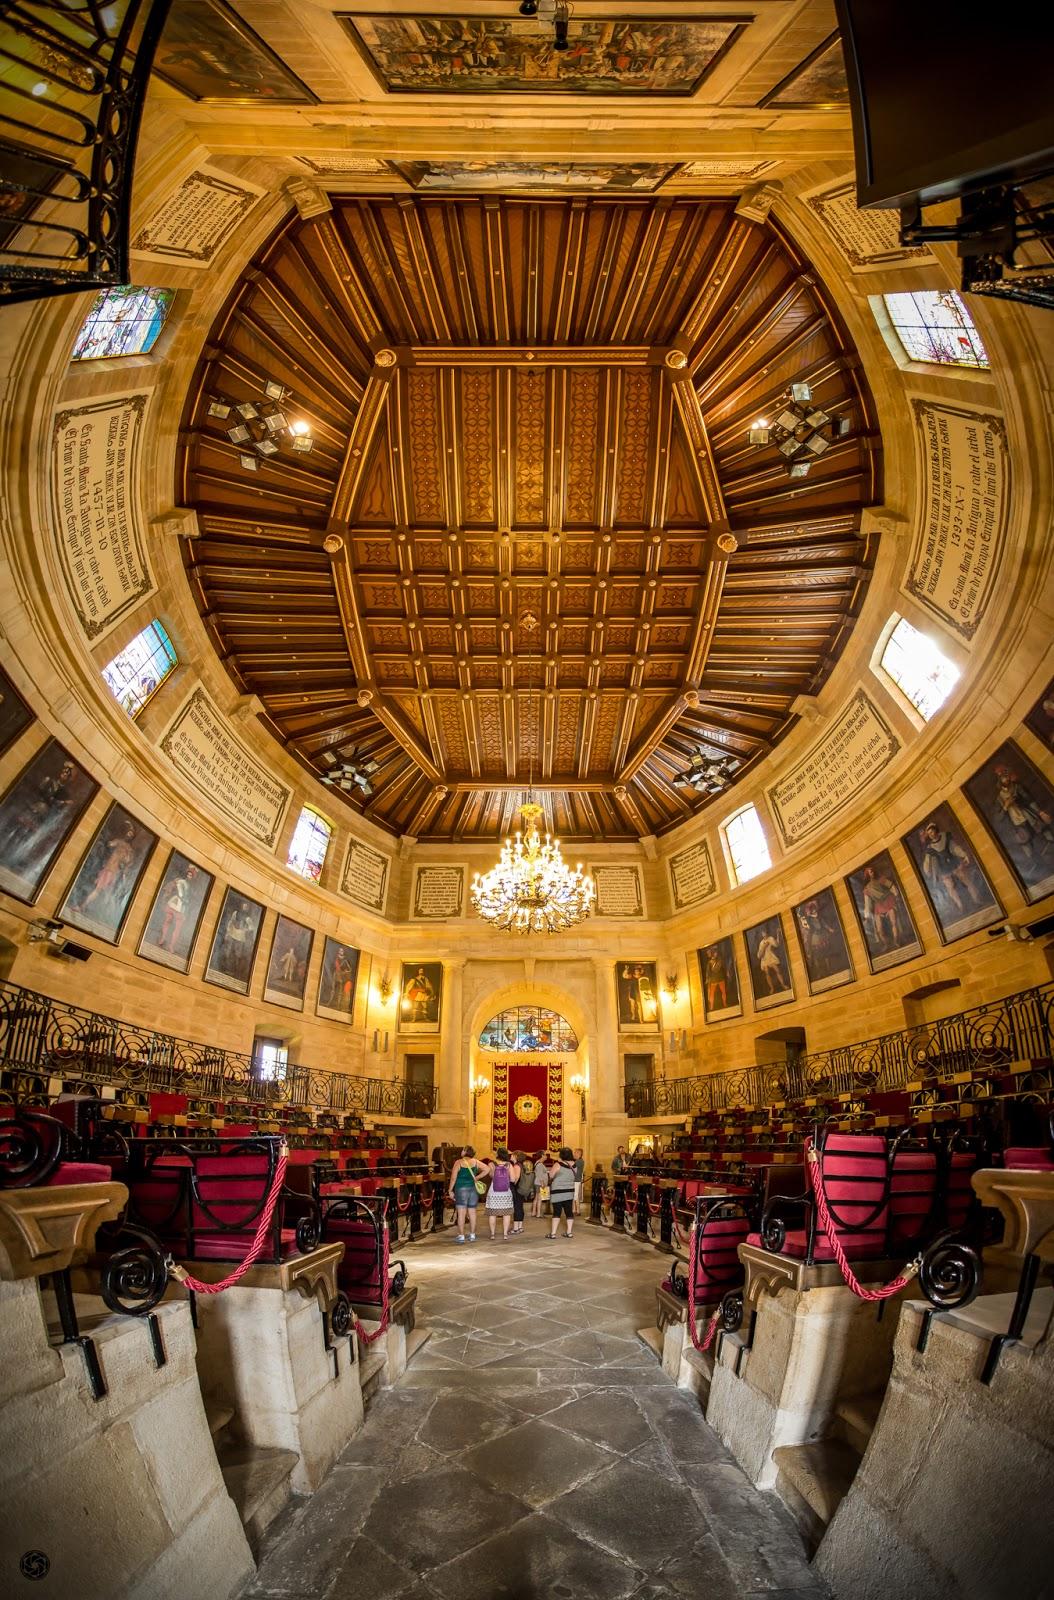 Sala de Juntas de Guernica :: Panorámica 9 x Canon EOS 5D MkIII | ISO3200 | Canon 17-40 @17mm | f/4.0 | 1/60s